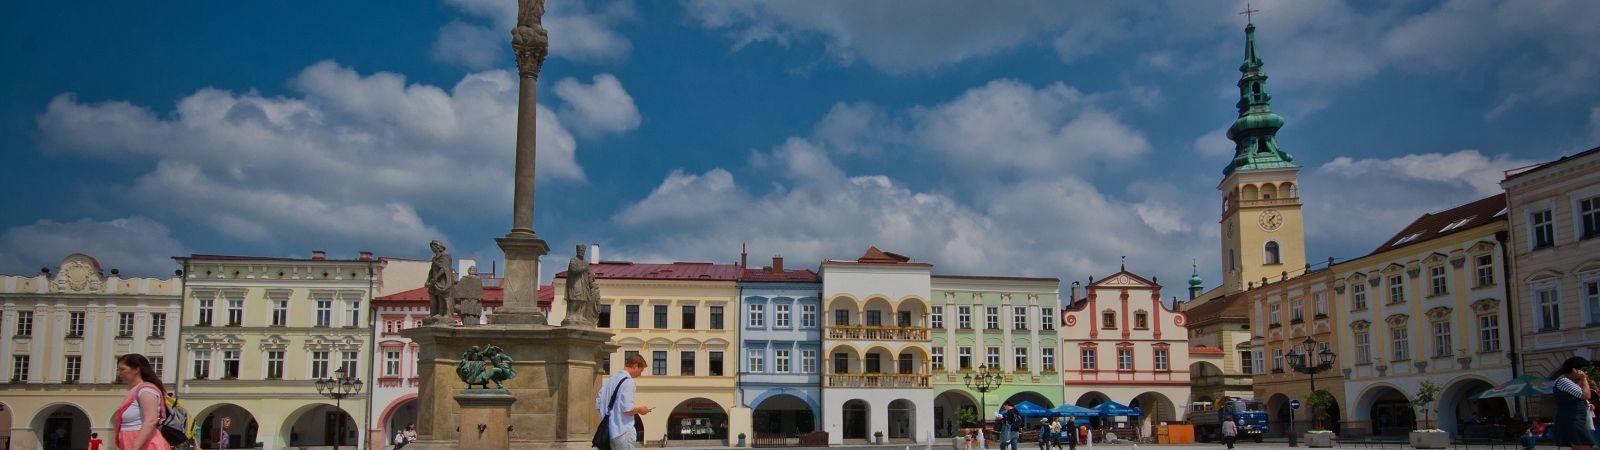 Nový Jičín centrum